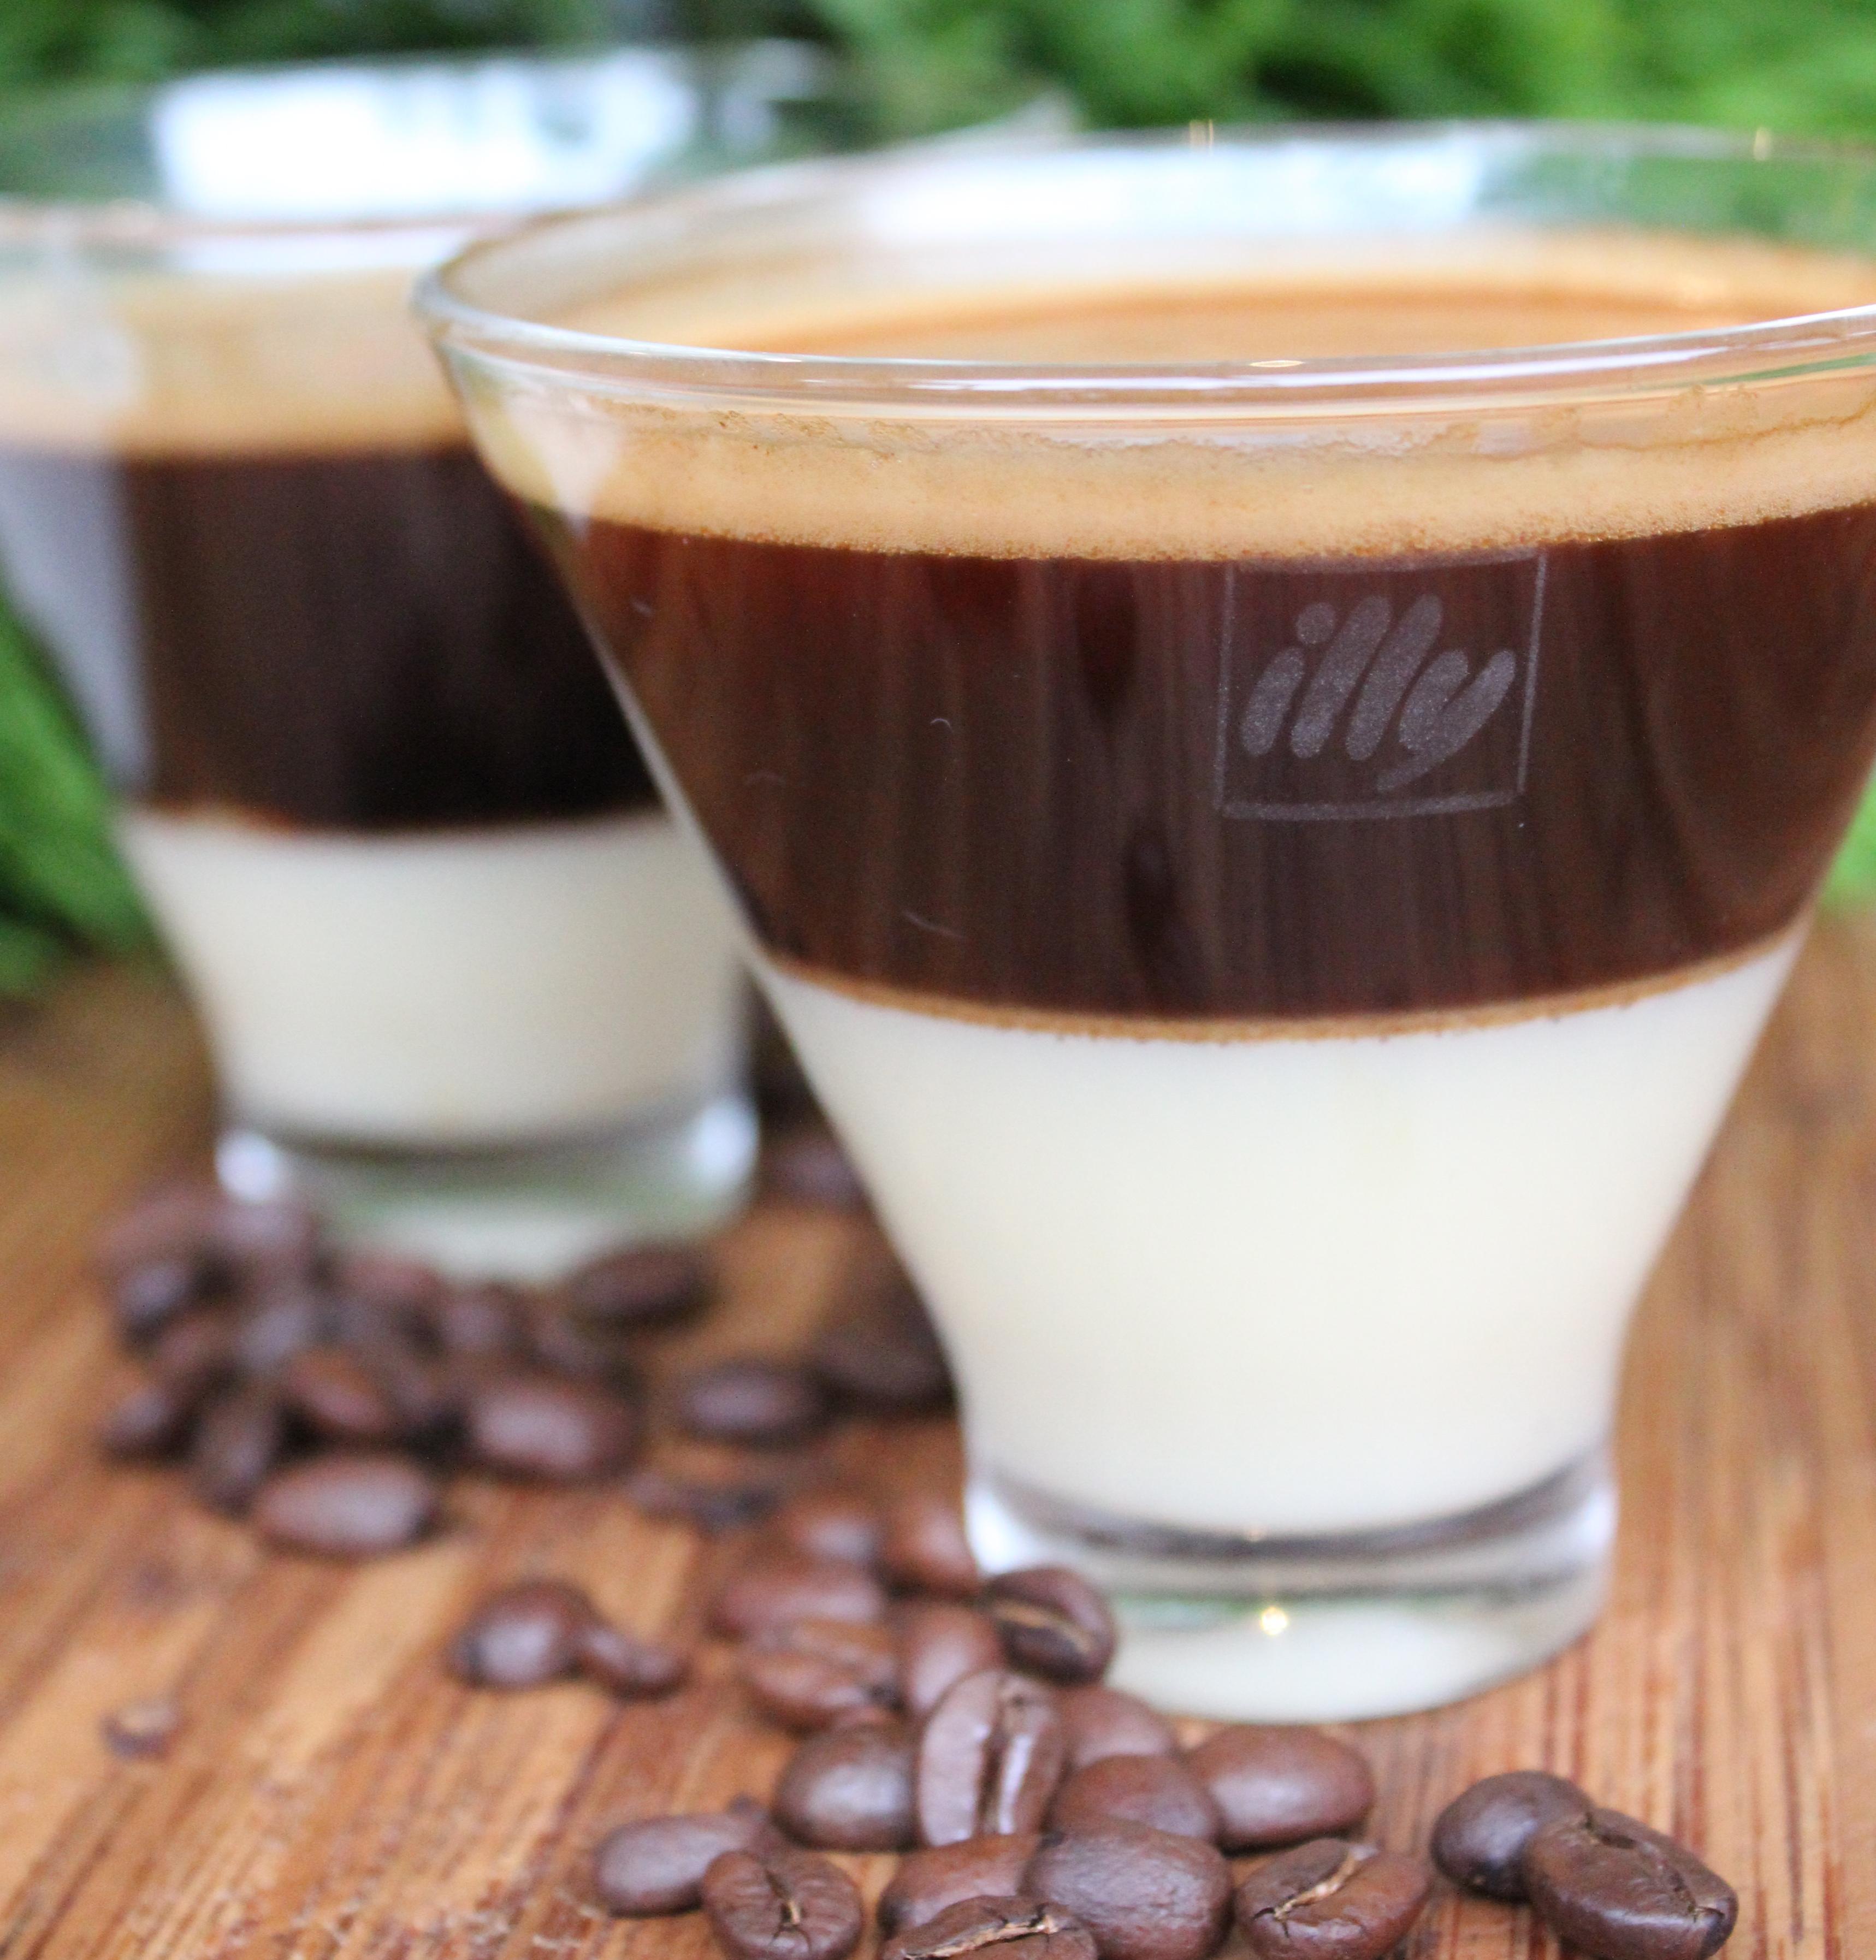 Café Moo